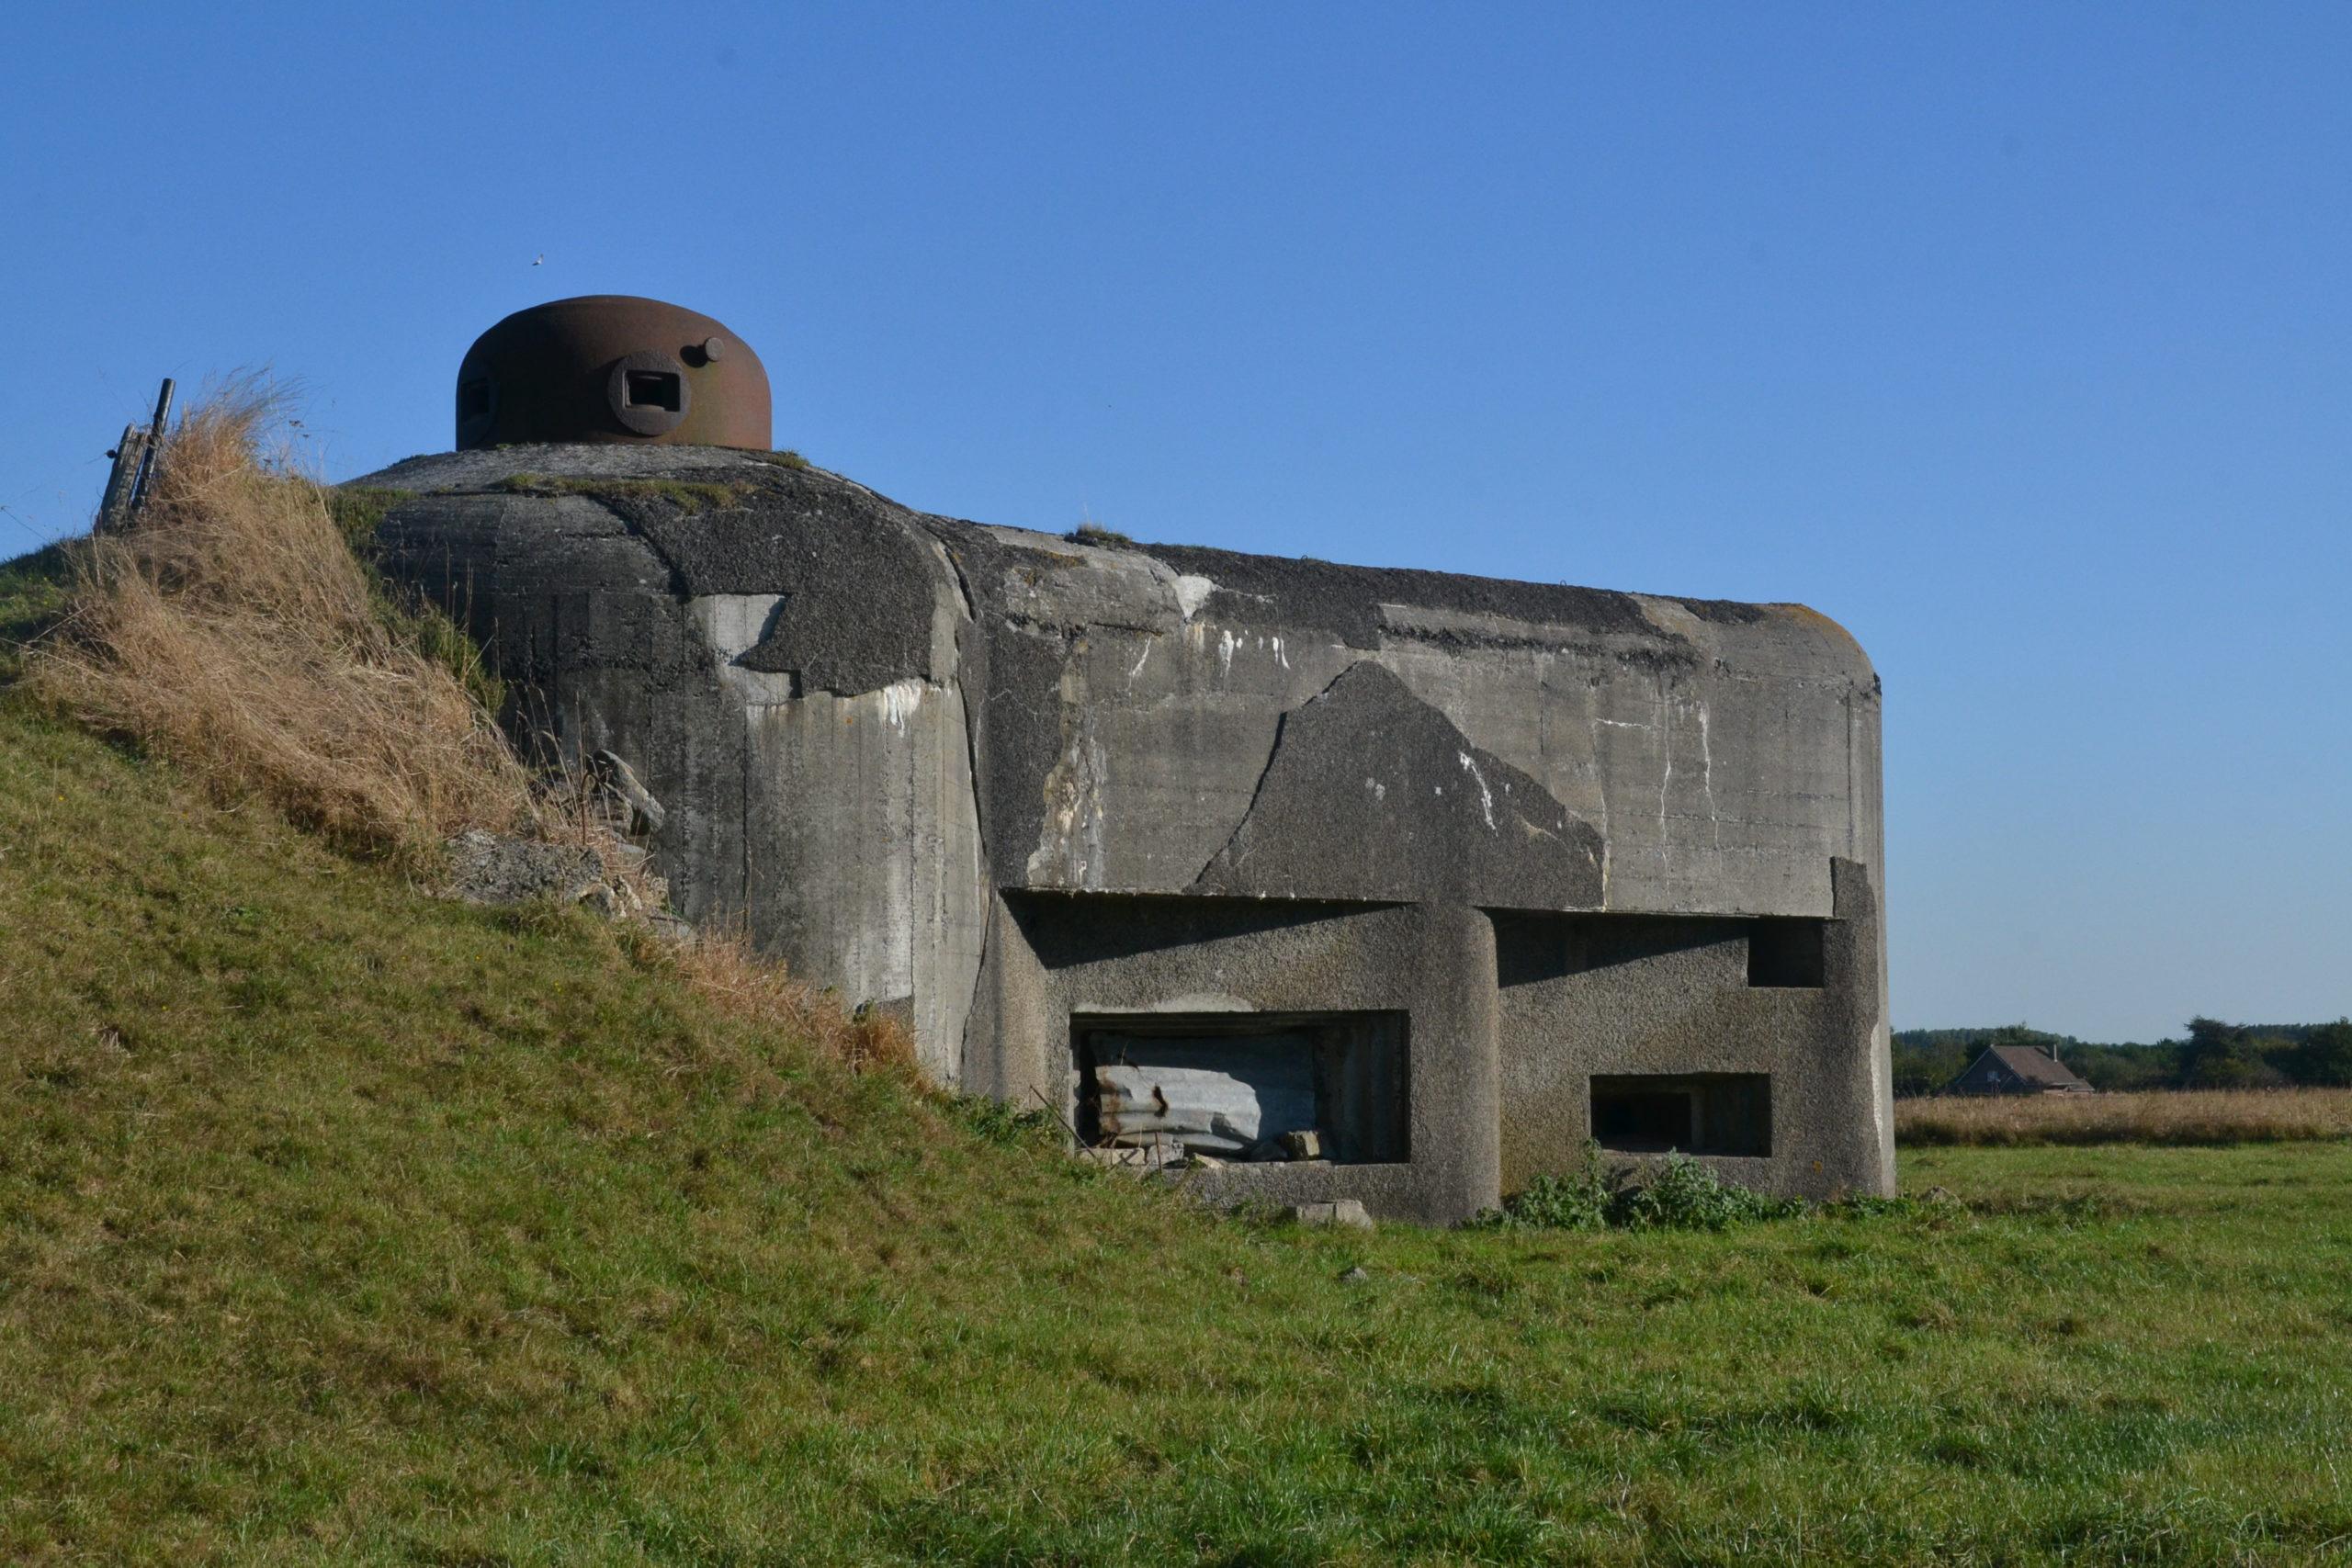 Casemate de la ligne Maginot près de Maulde (Nord, France).